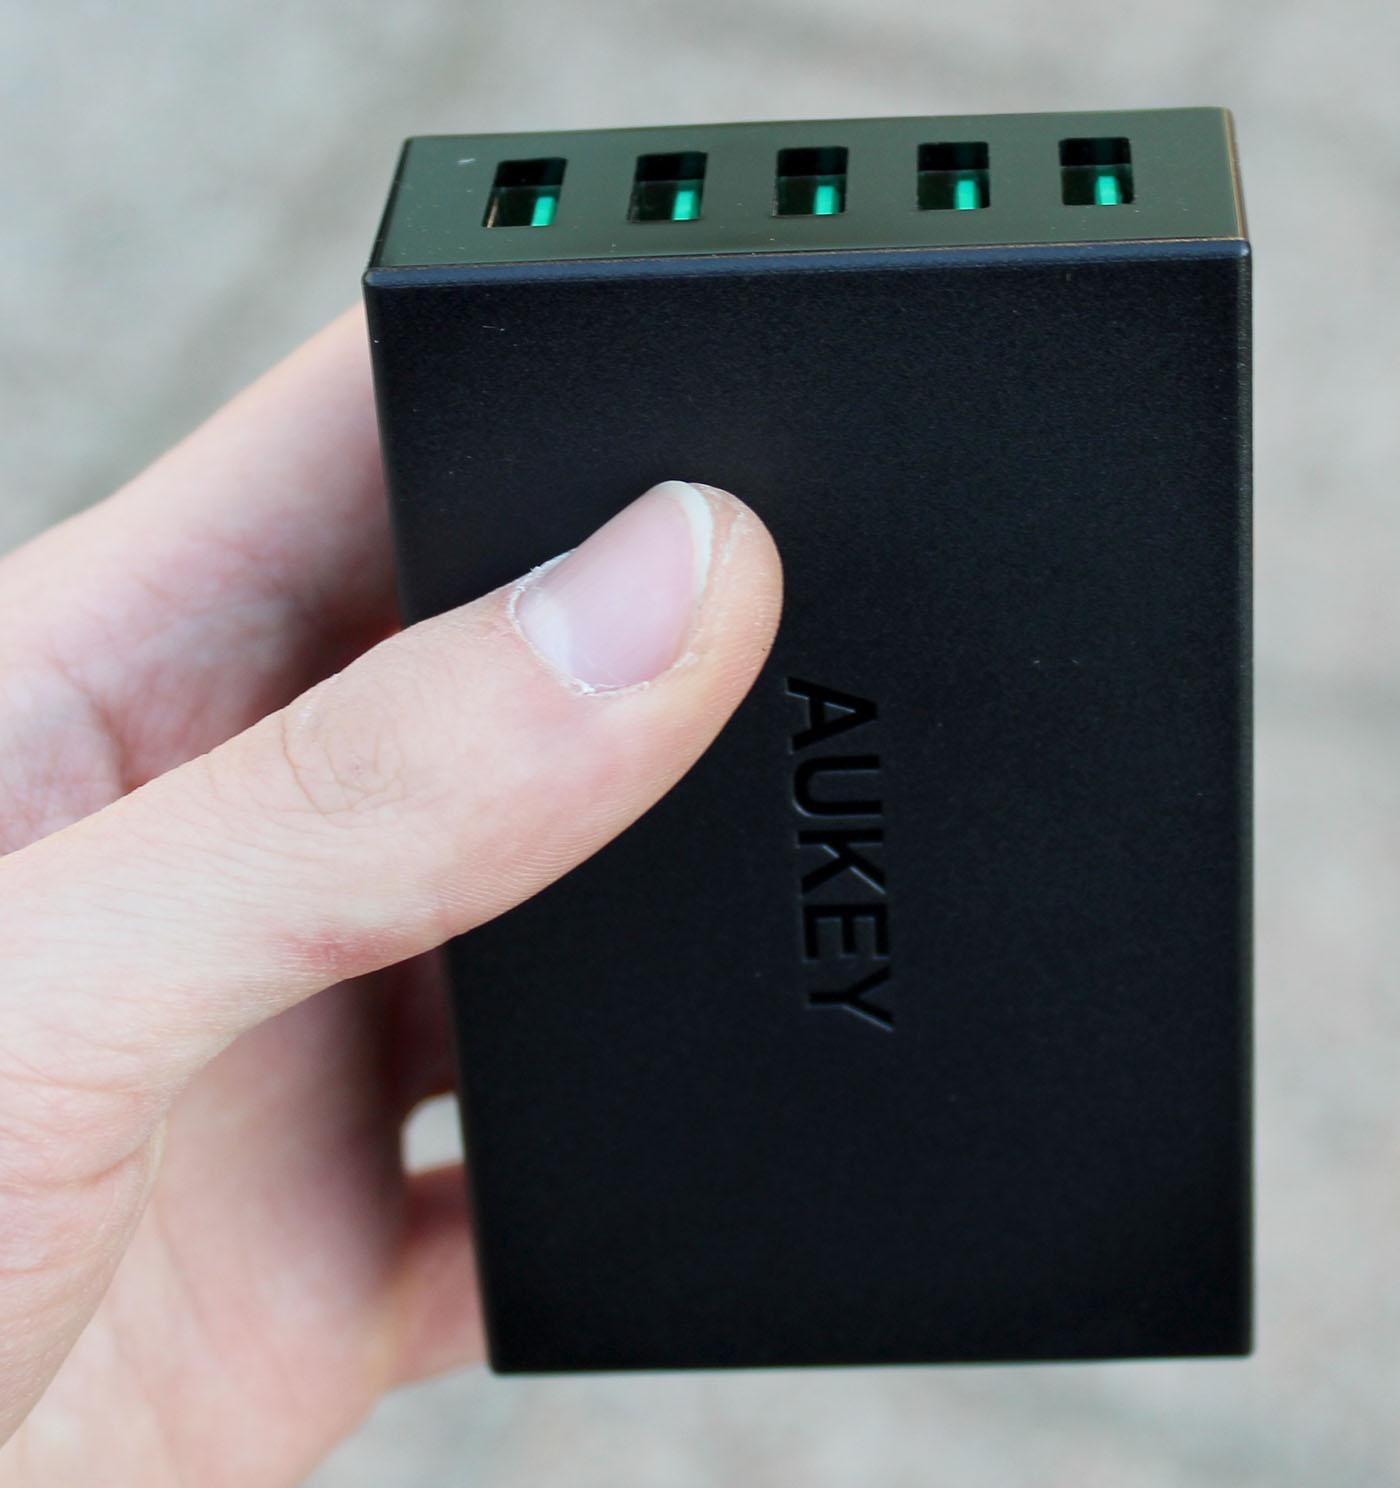 Carica a muro da 5 porte USB Aukey PA-U33